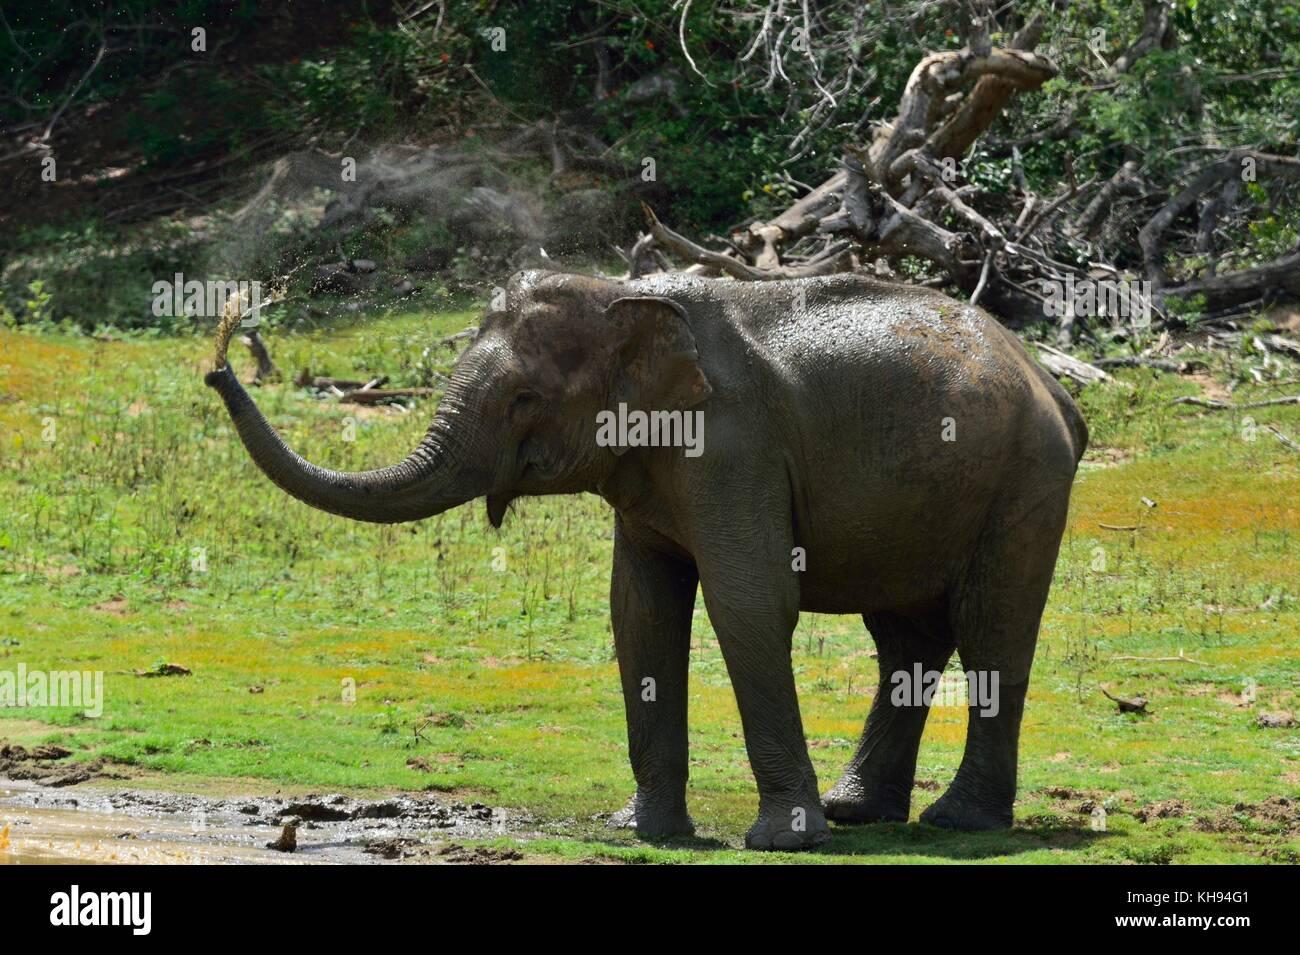 Bien connu Indian Asian Elephant Spraying Water Stock Photos & Indian Asian  CM88